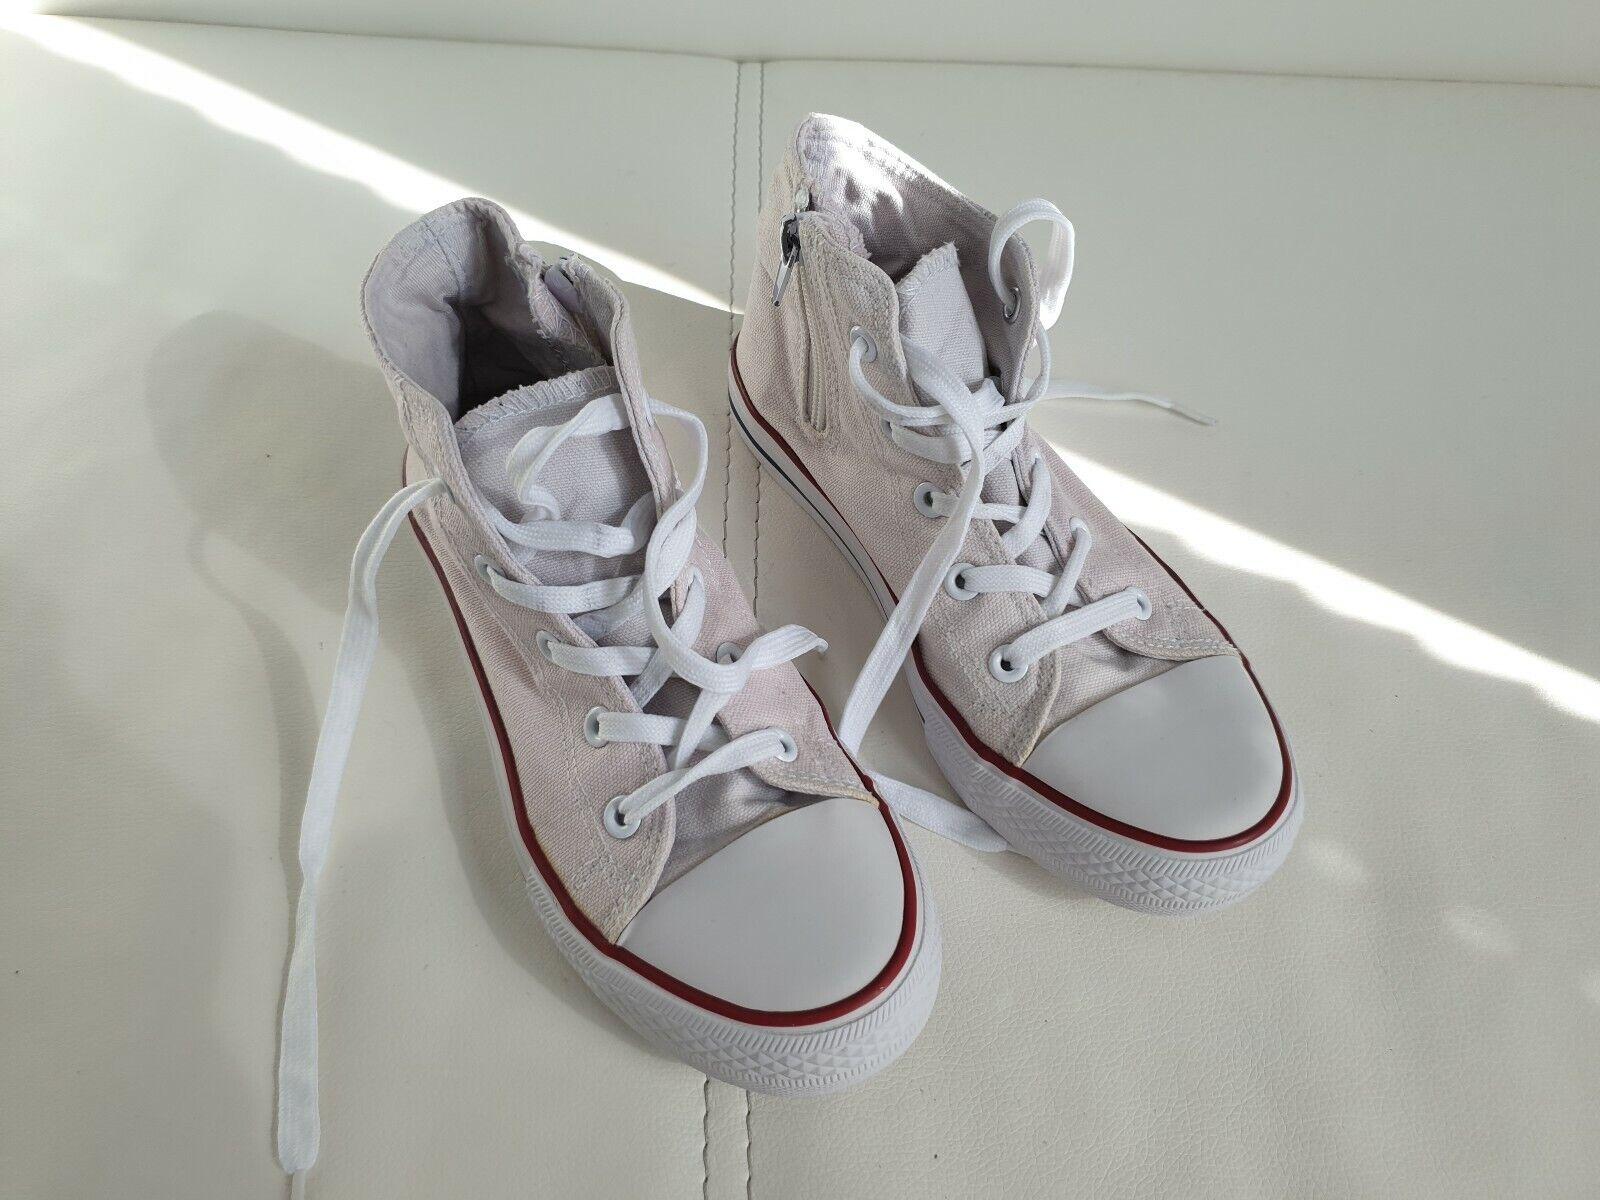 Alive Kinder Mädchen Teenie Freizeit Schuhe Chucks Sneaker